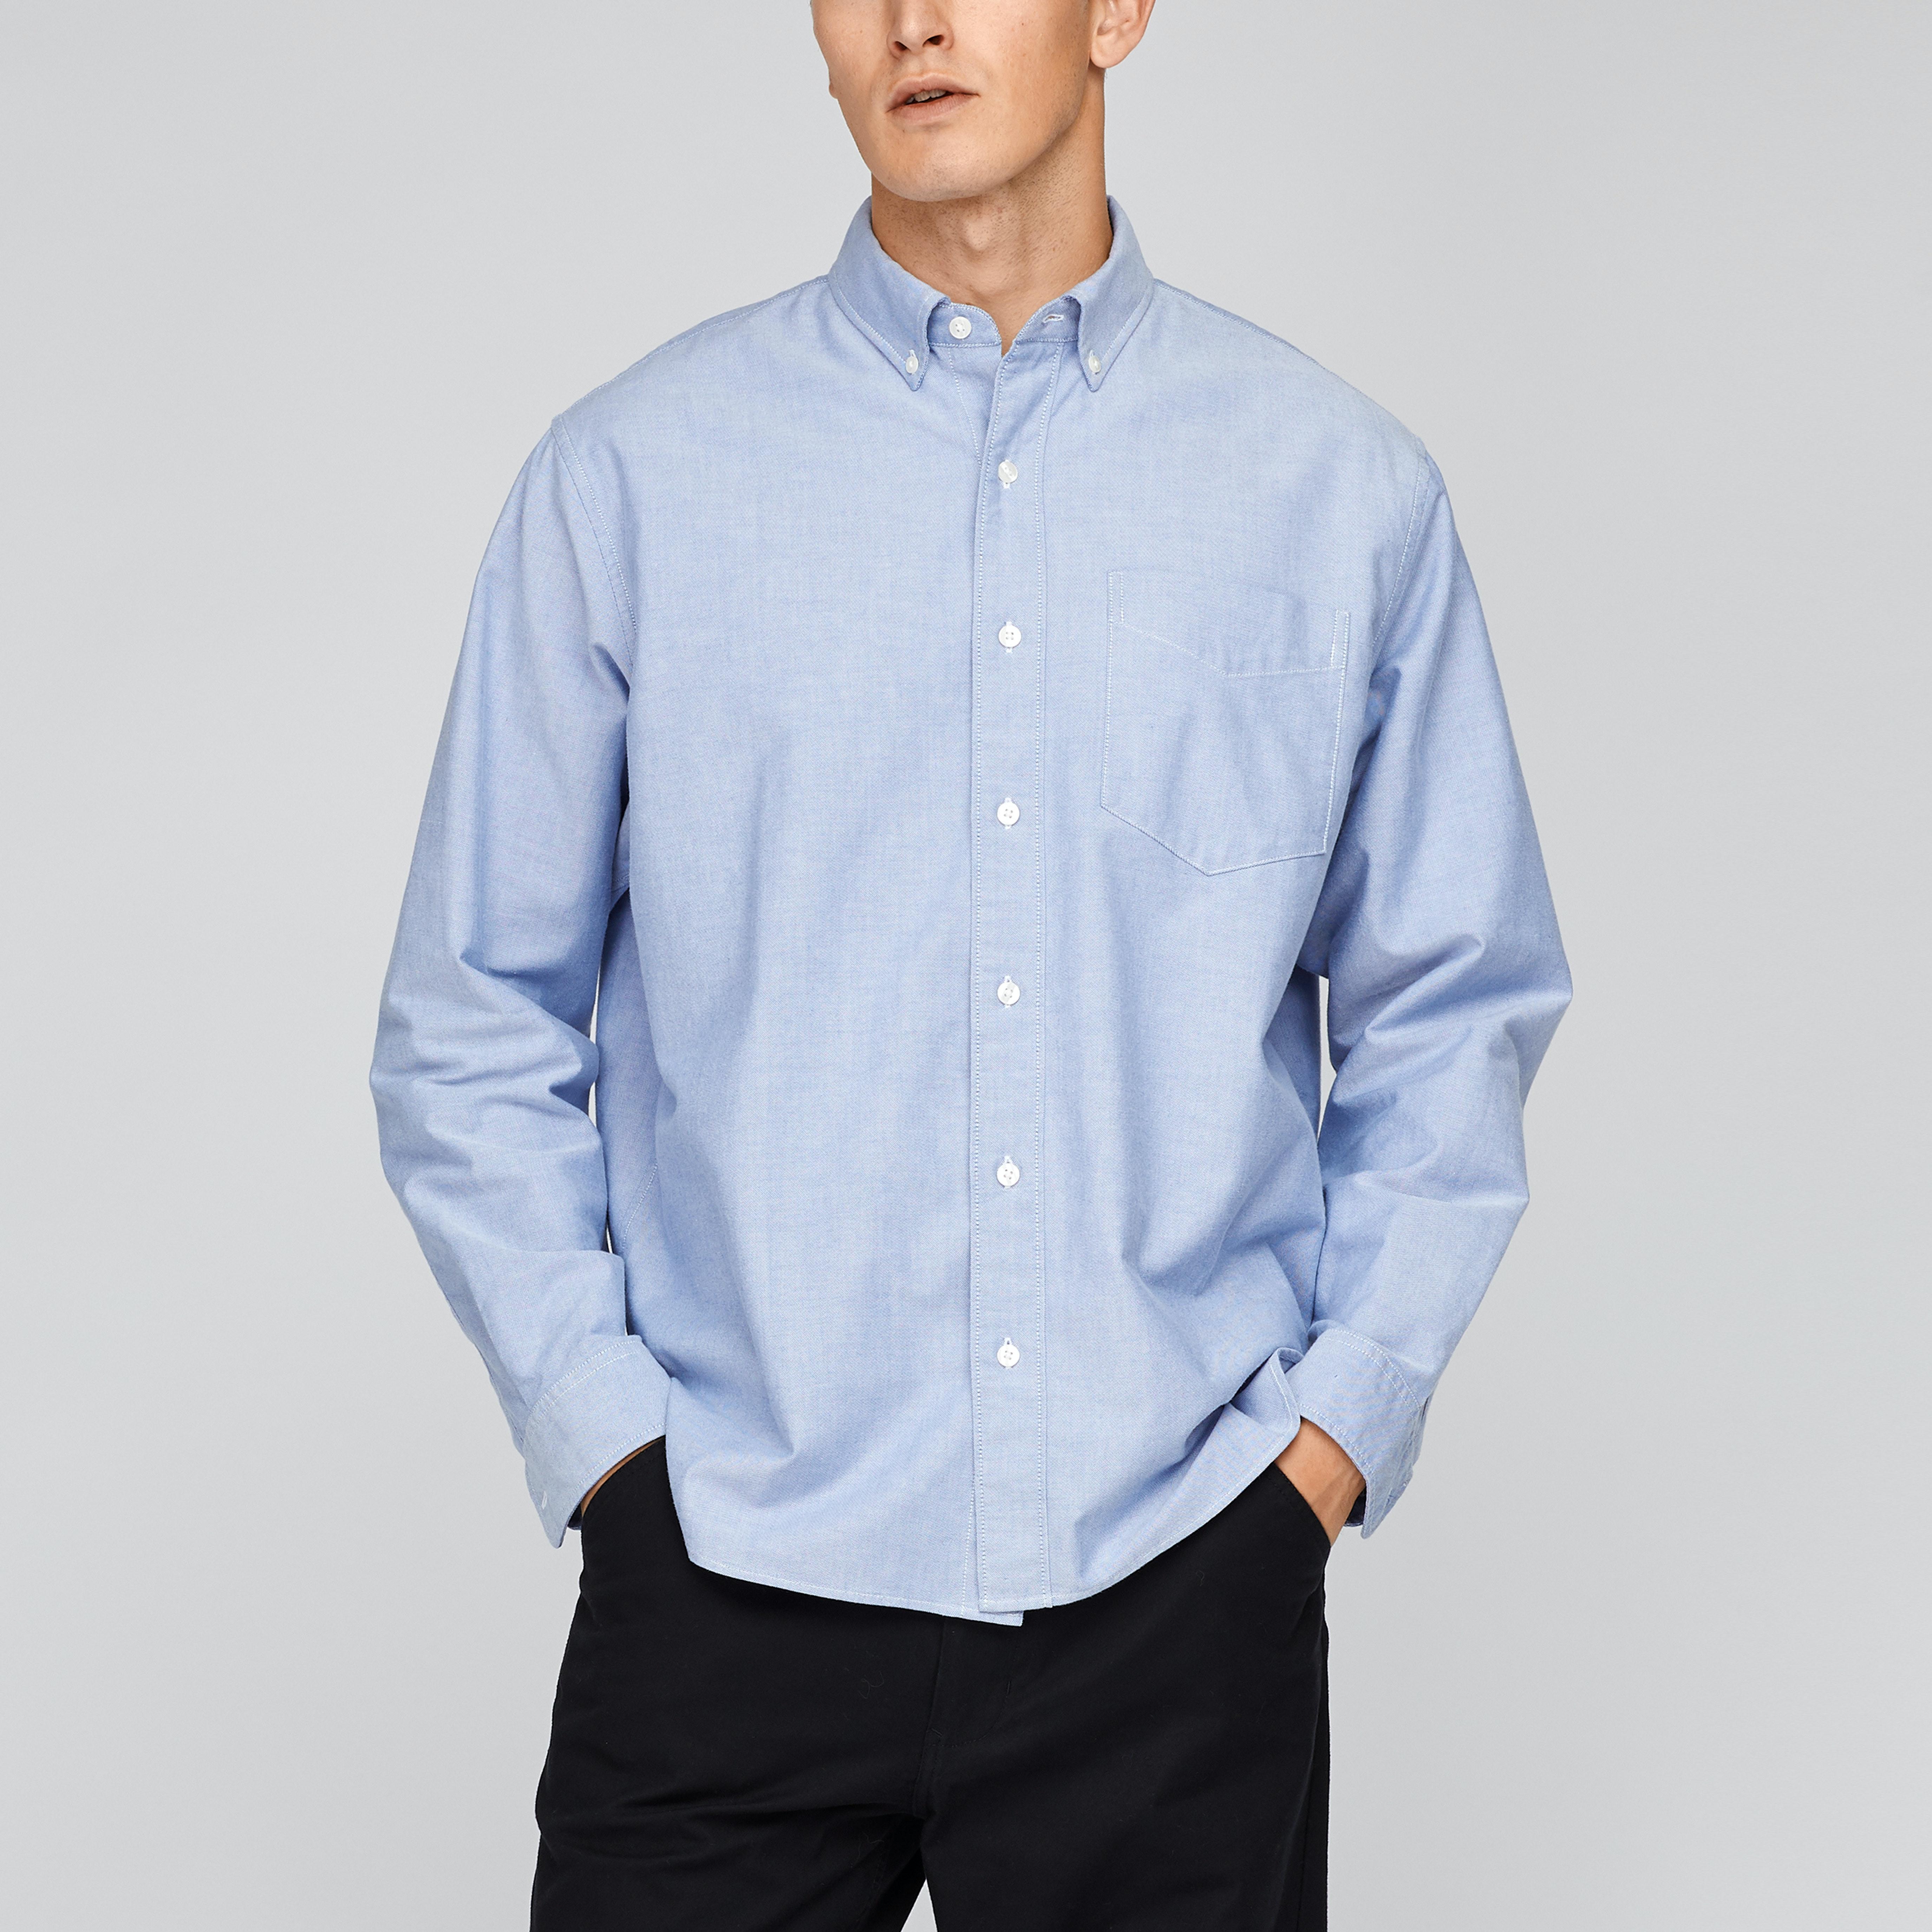 The Big Oxford Shirt